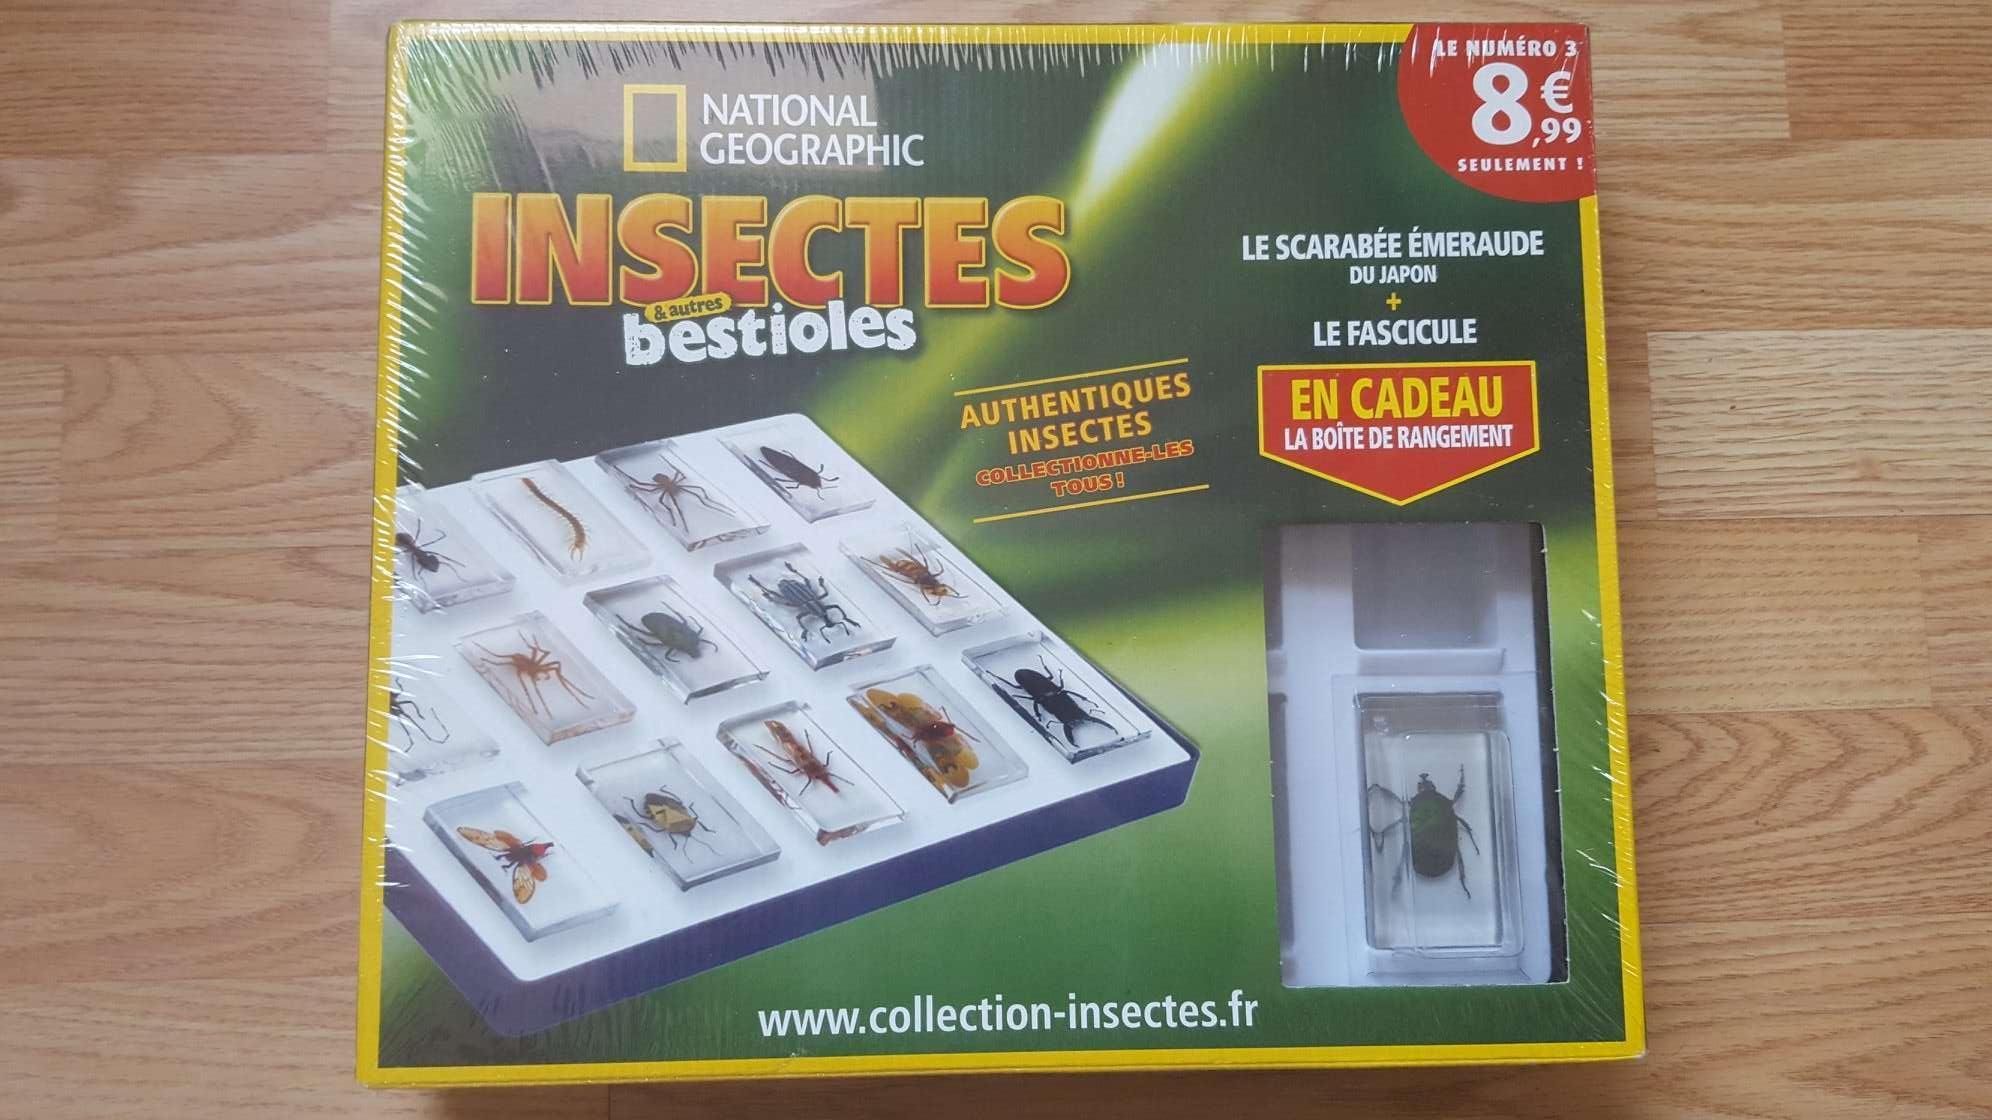 """troc de troc réservé - 1iere boite de la collection """"insectes & autres bestioles"""" image 0"""